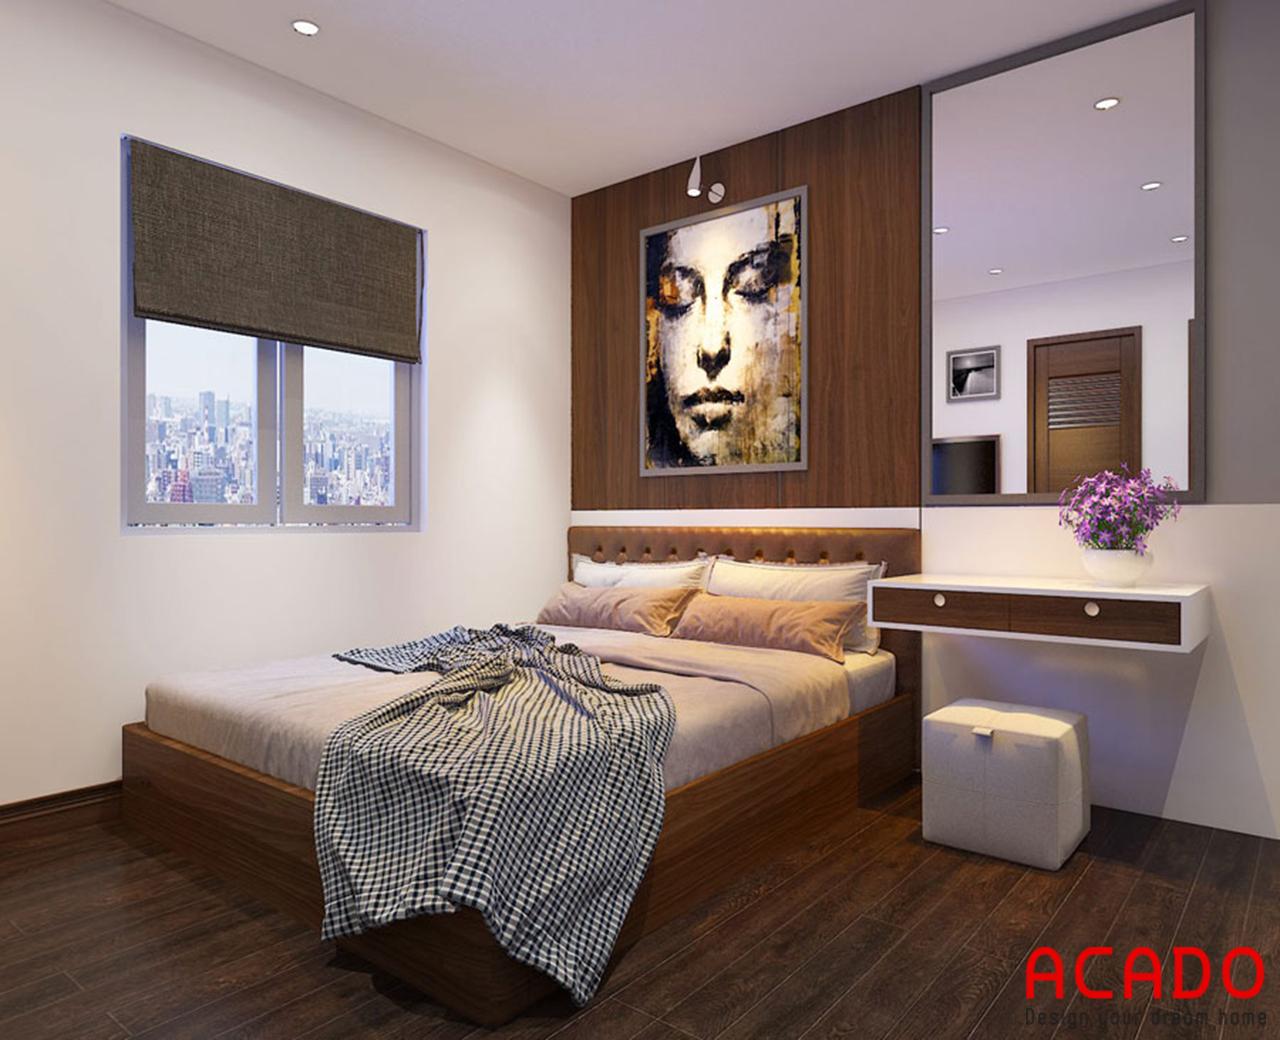 Giường ngủ thiết kế cạnh của sổ để lấy ánh sáng và tạo cảm giác thông thoáng khi nghỉ ngơi